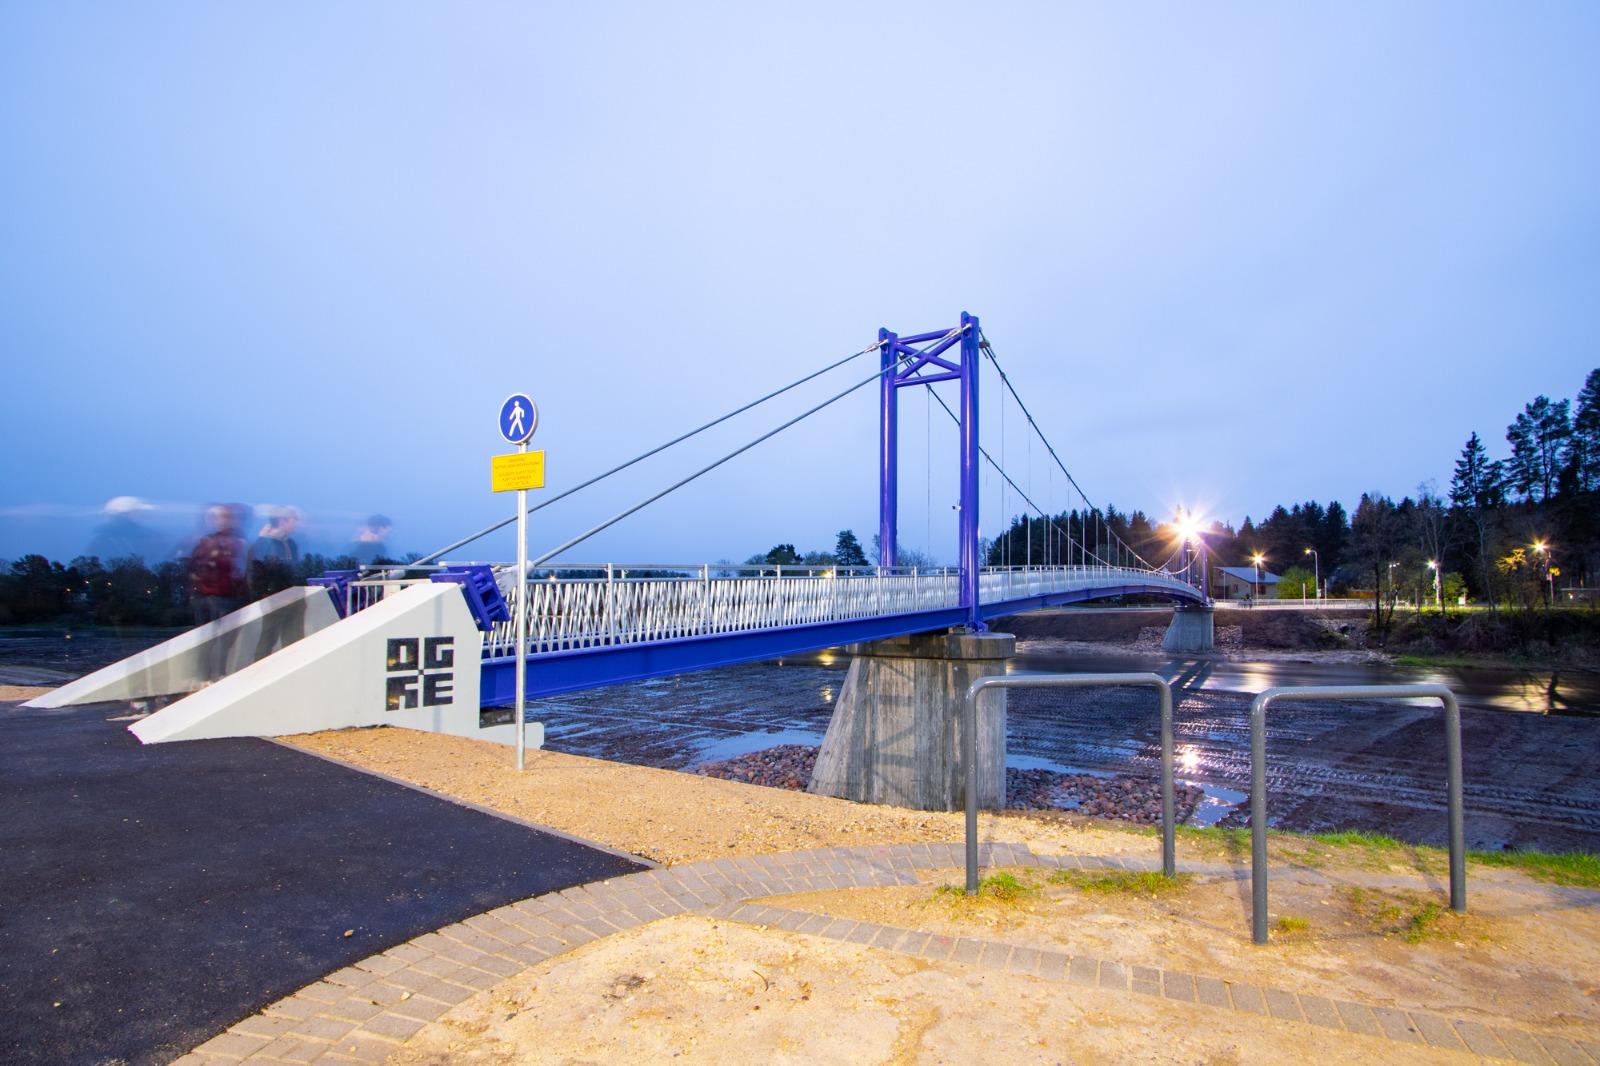 Ogrē atklāj jauno gājēju tiltu